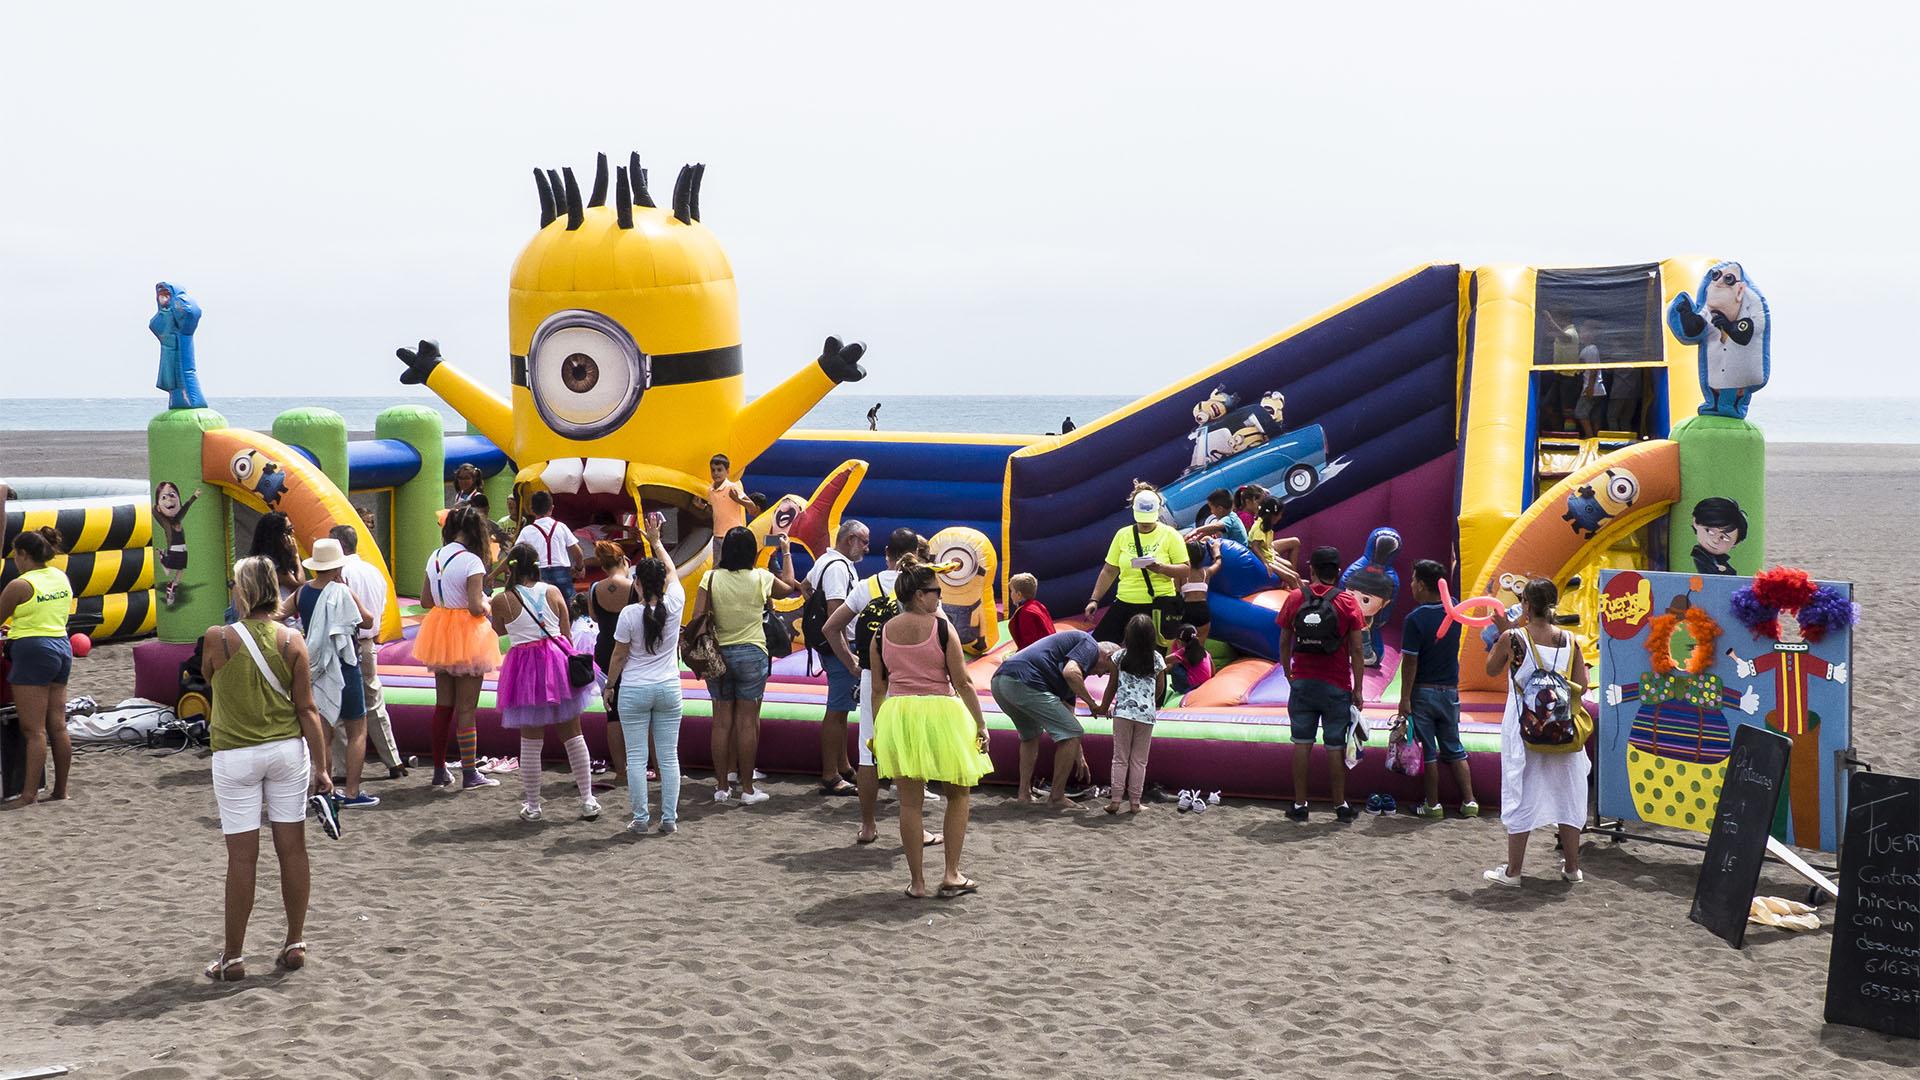 Kunst Kulturveranstaltungen Fuerteventura: TranTran internationales Clown Festival Gran Tarajal.